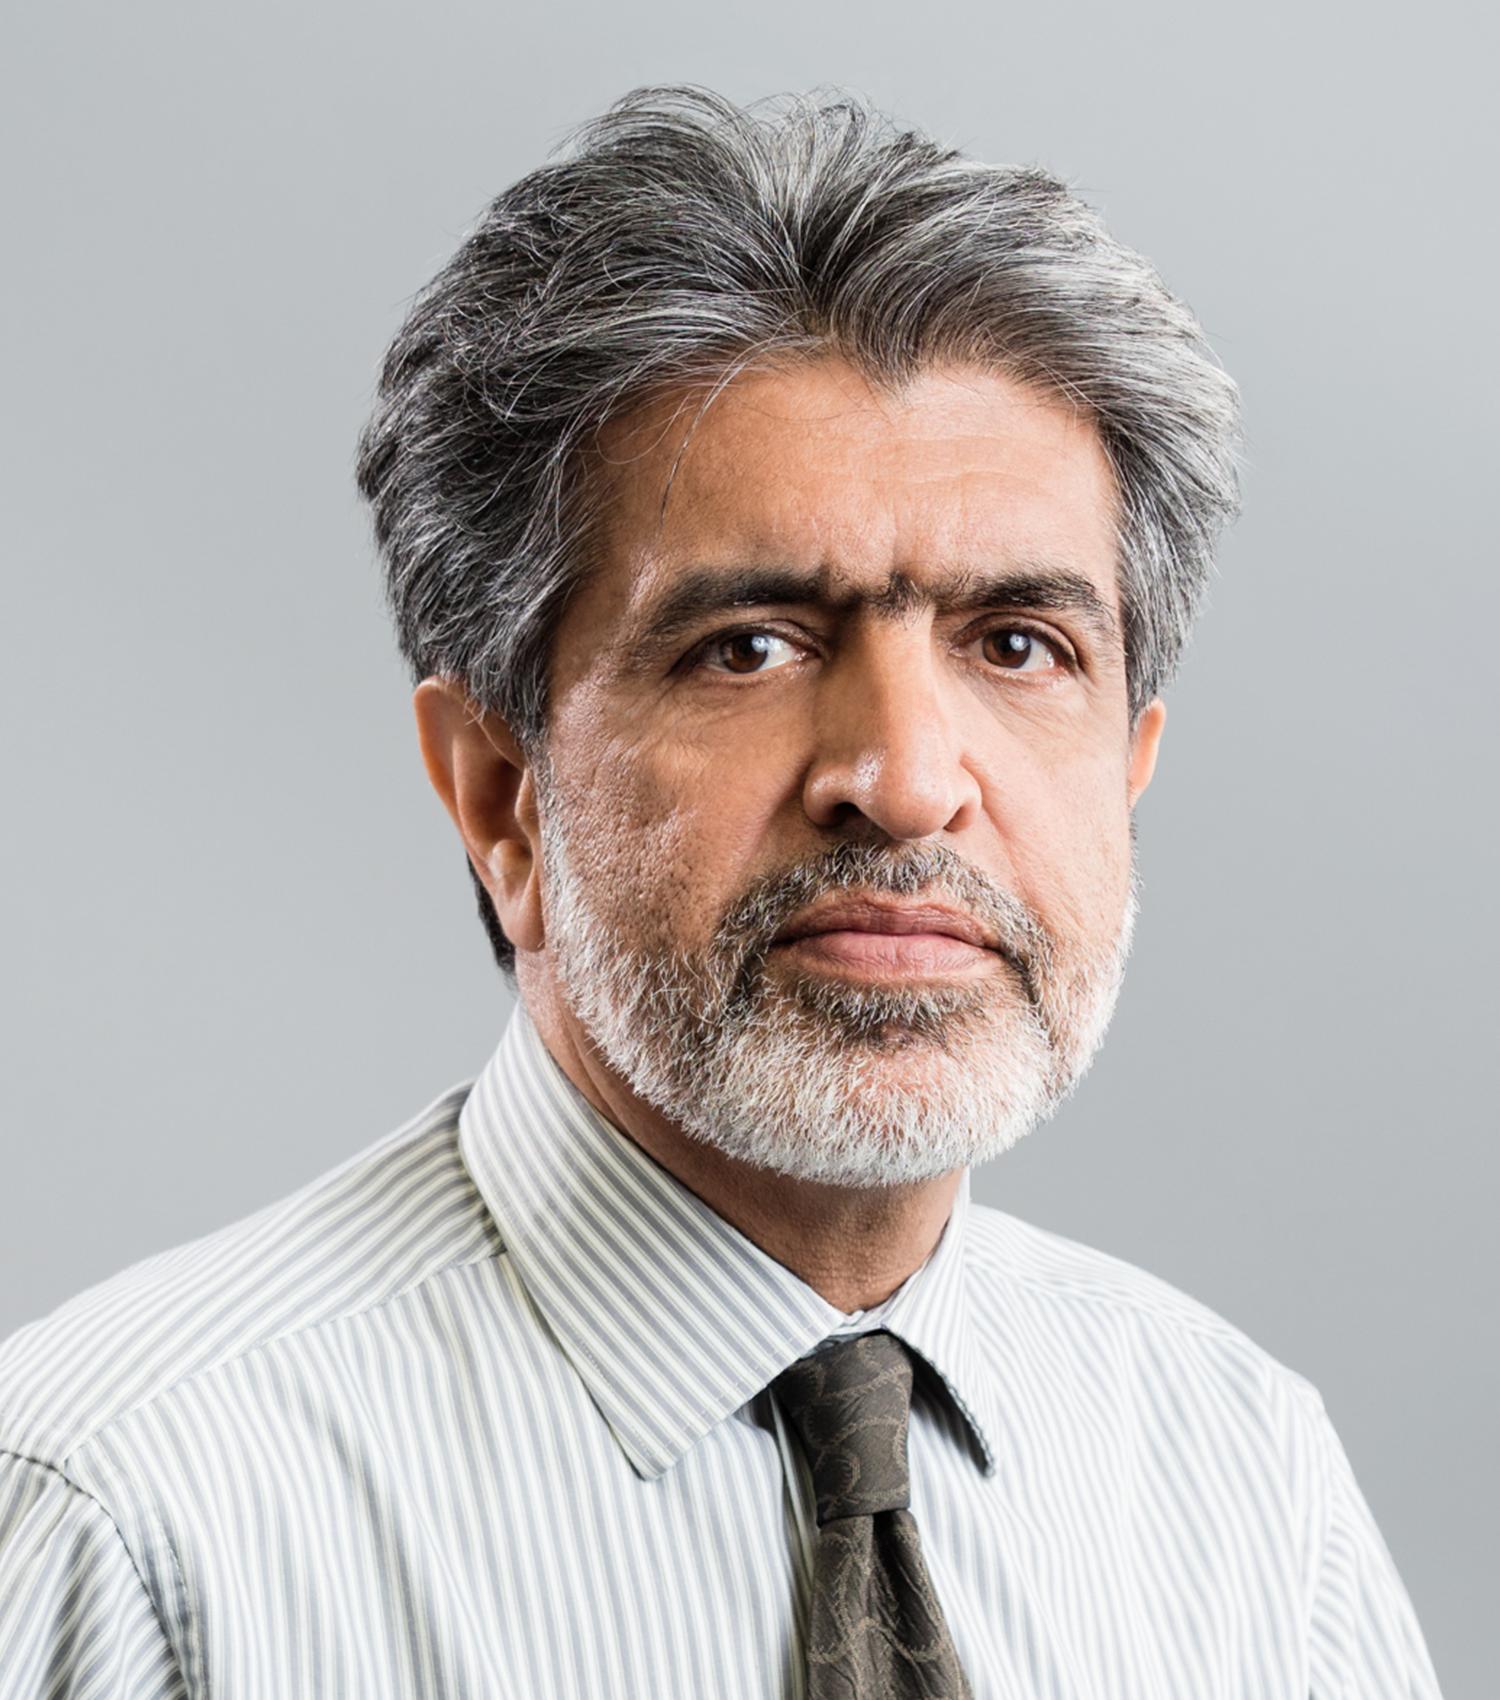 Khalid Afzal